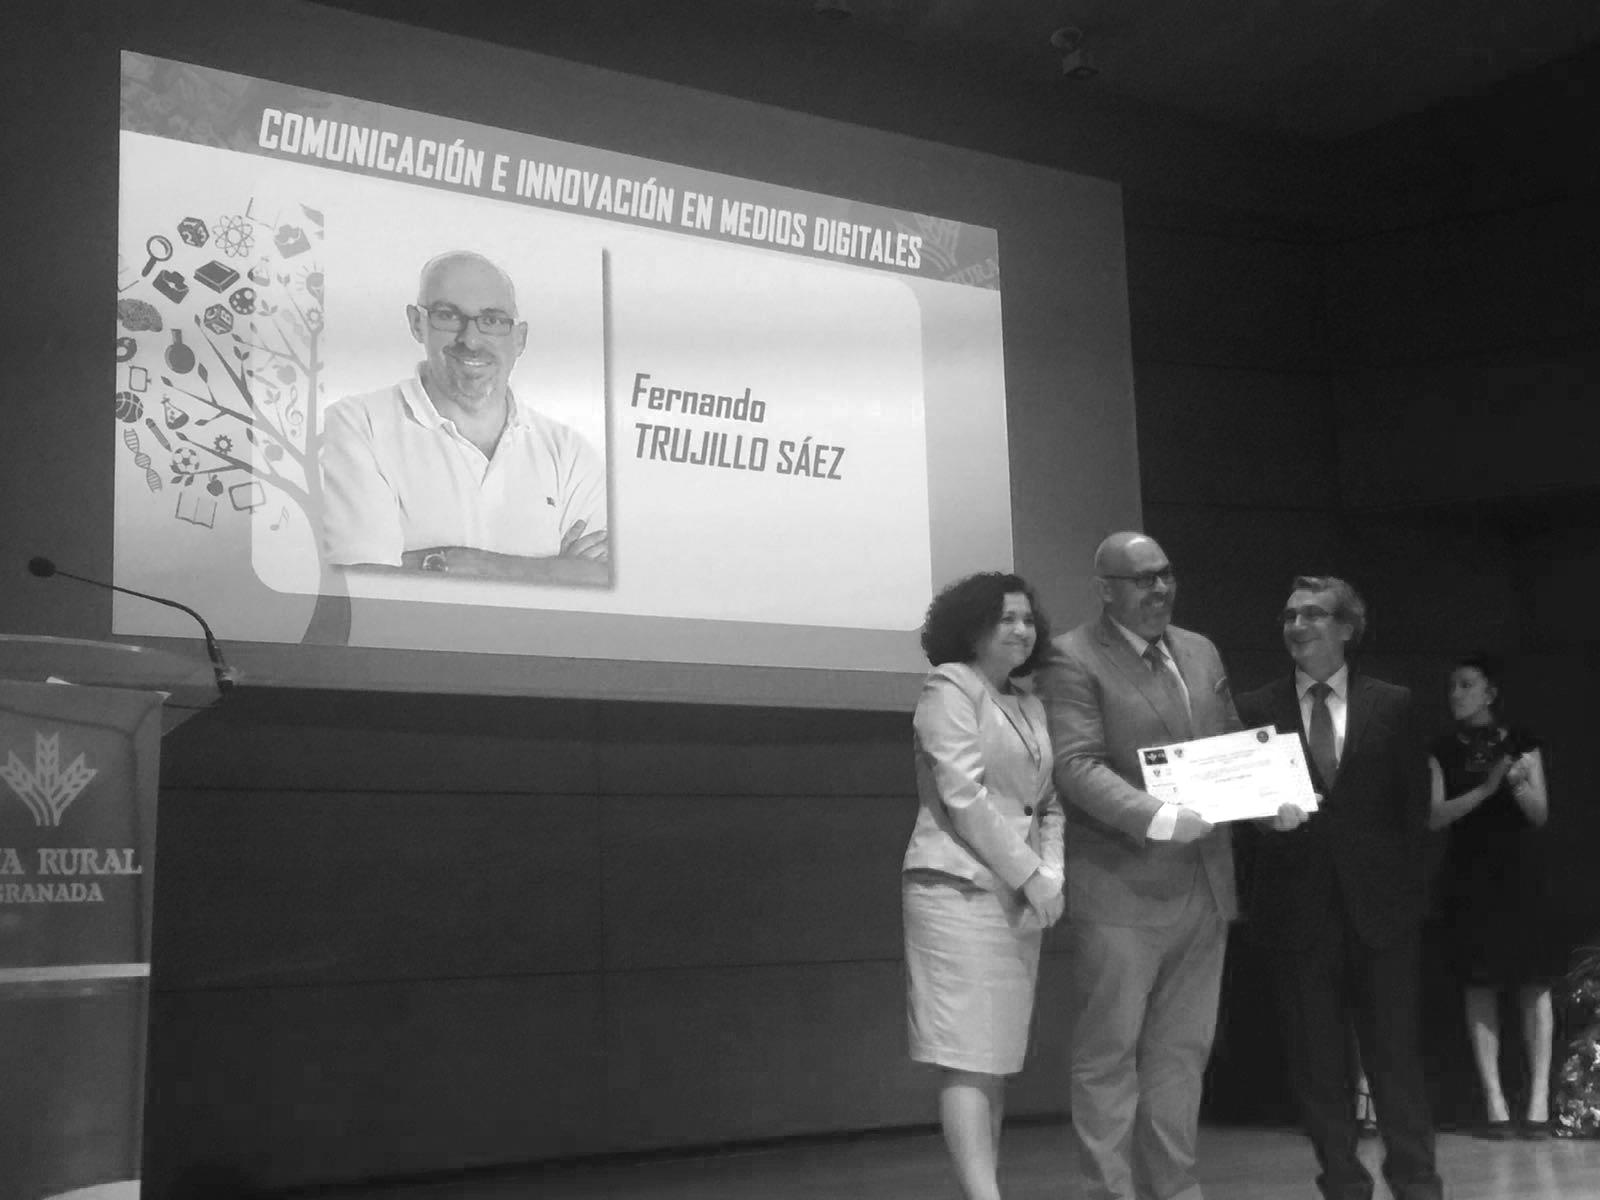 Fernando Trujillo, ganador del premio Medialab a la innovación y comunicación en Medios Digitales